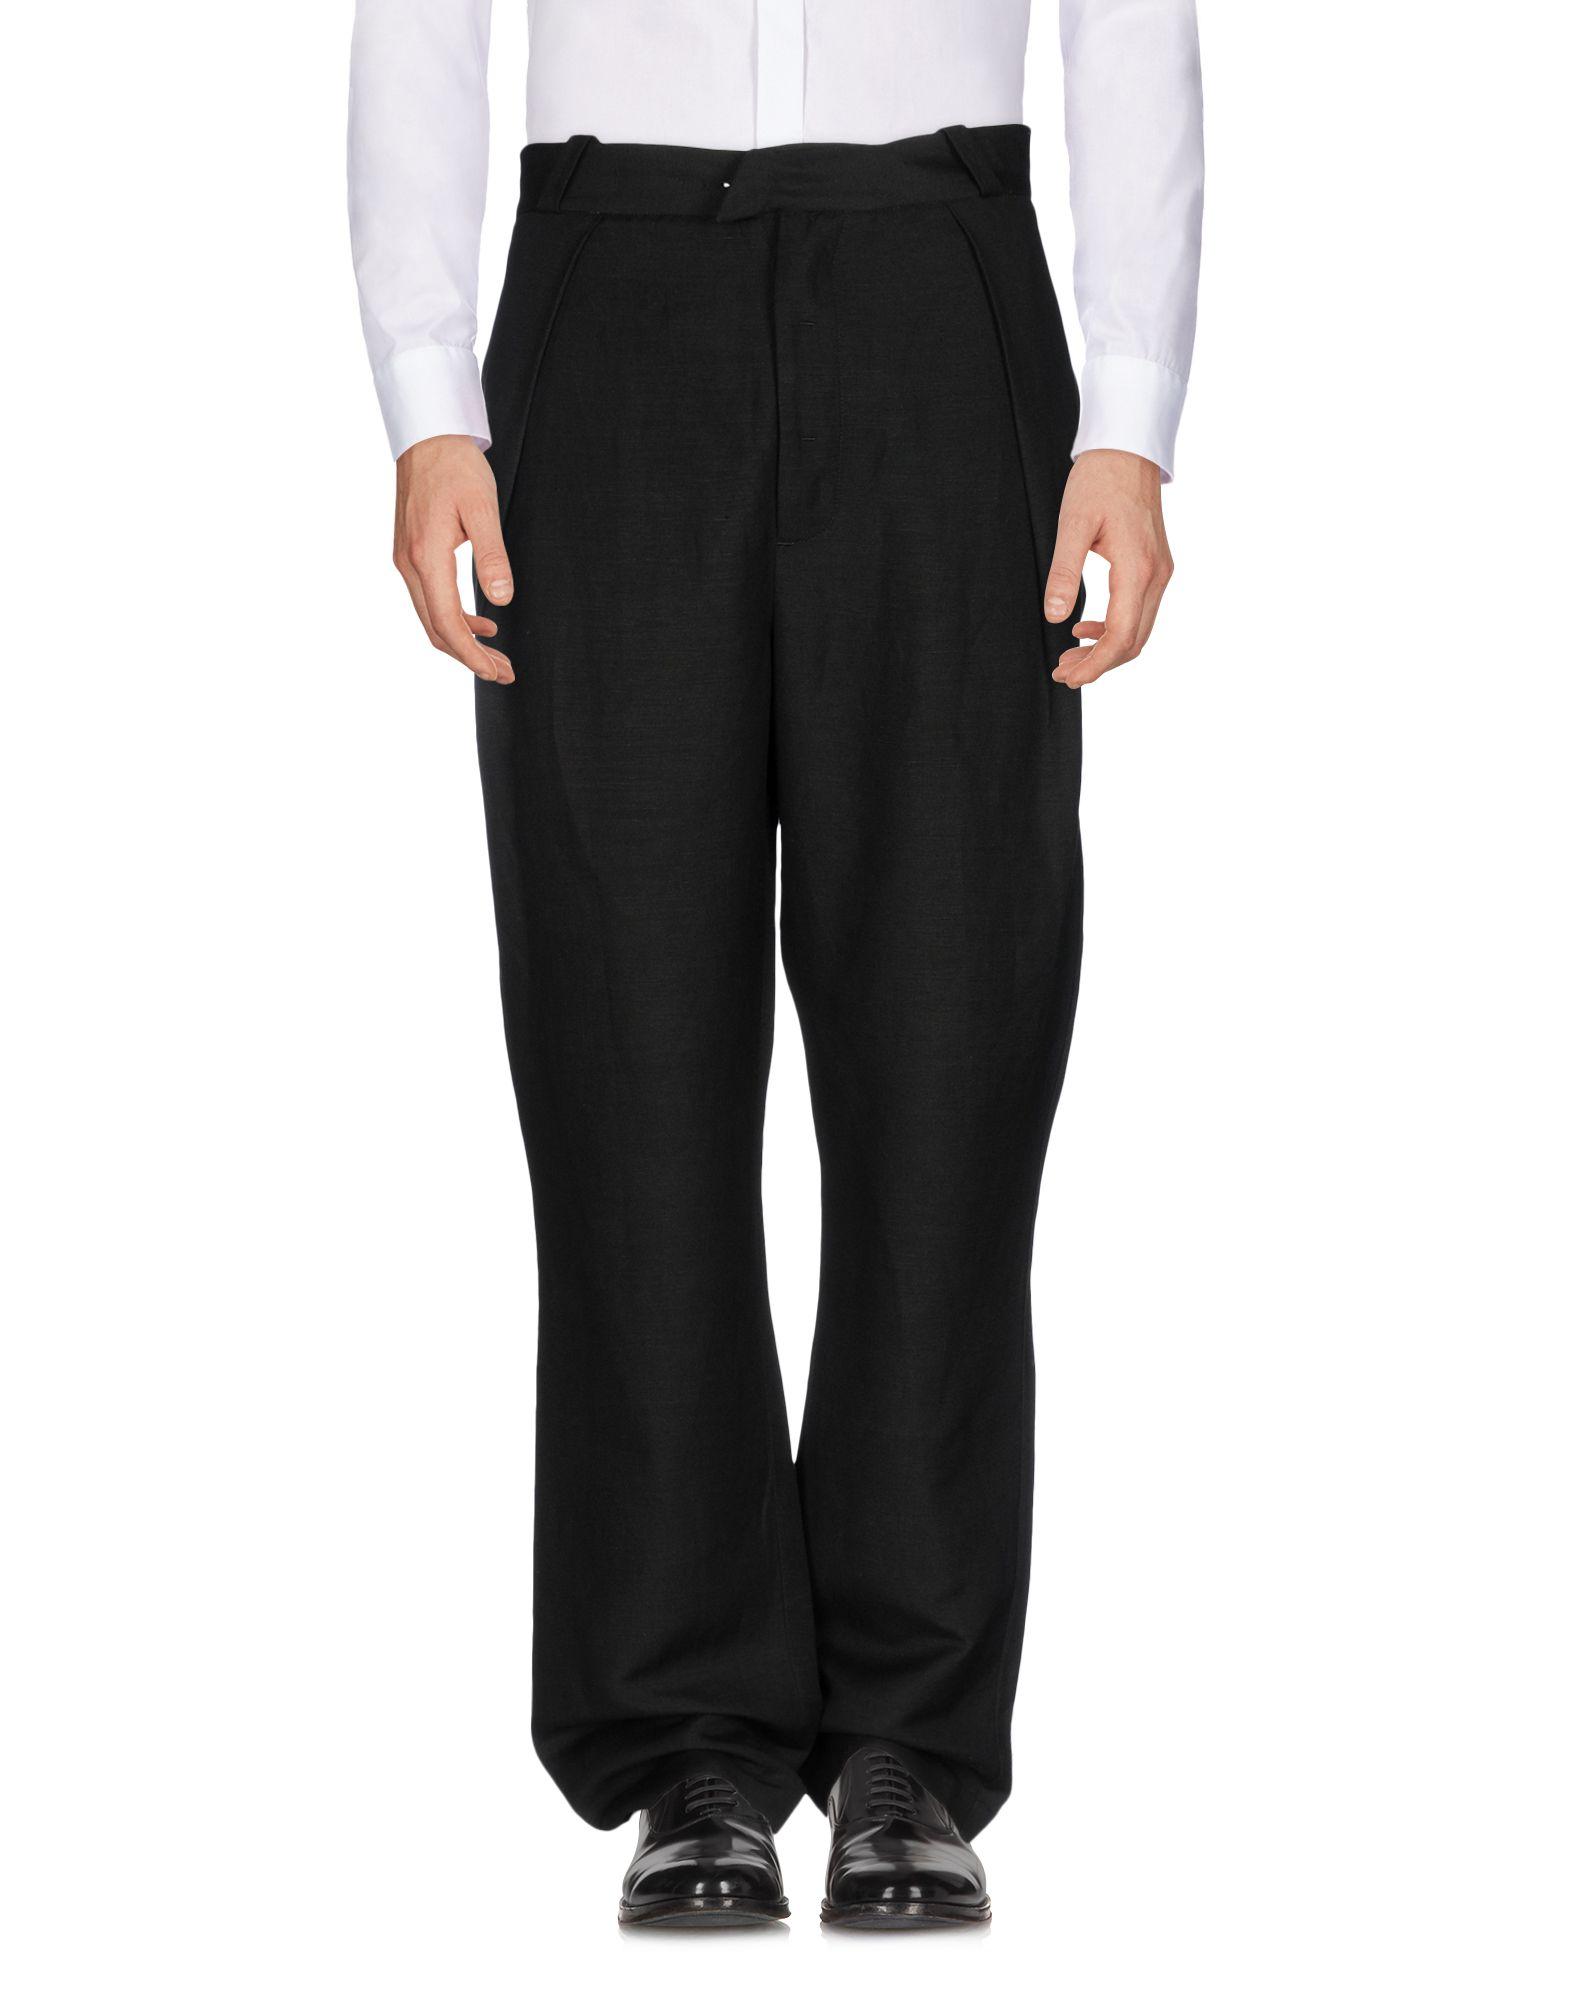 Pantalone Altrove Uomo - Acquista online su